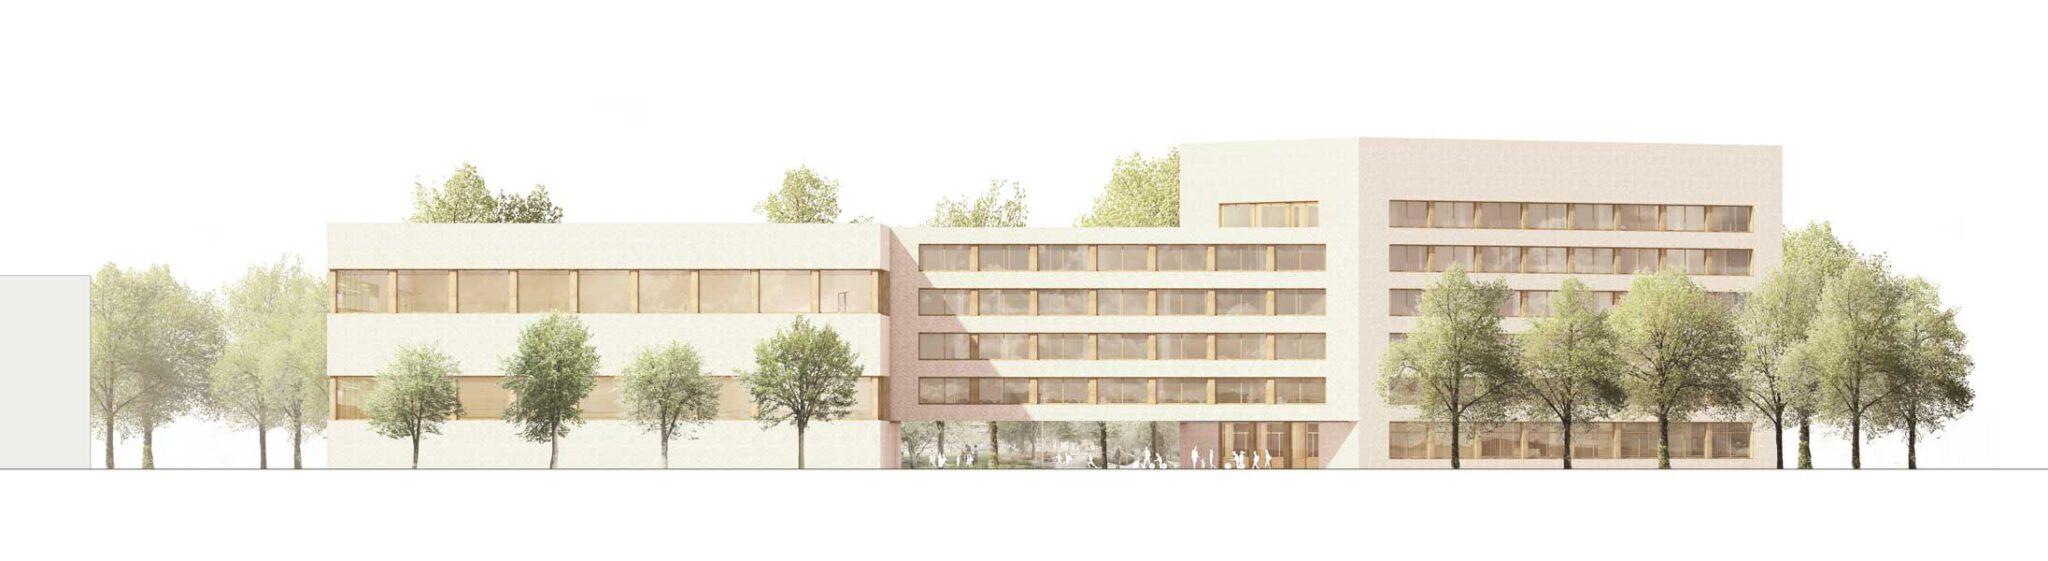 Konzeptidee zum Neubau des Gymnasiums Prager Spitze, Ansicht von Süden; Visualisierung: © Schulz und Schulz Architekten